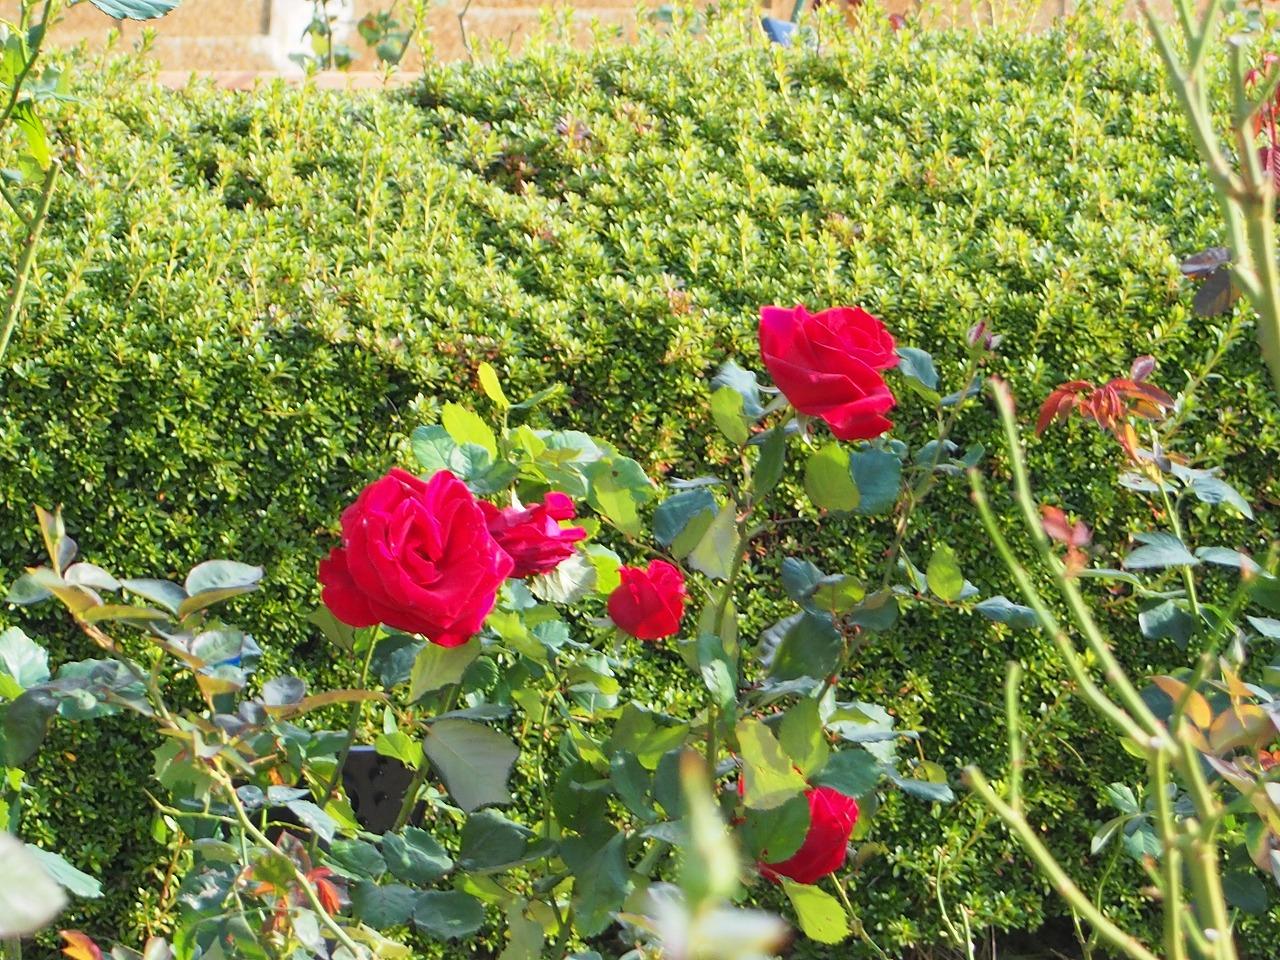 BotanicalGarden173_20141115.jpg